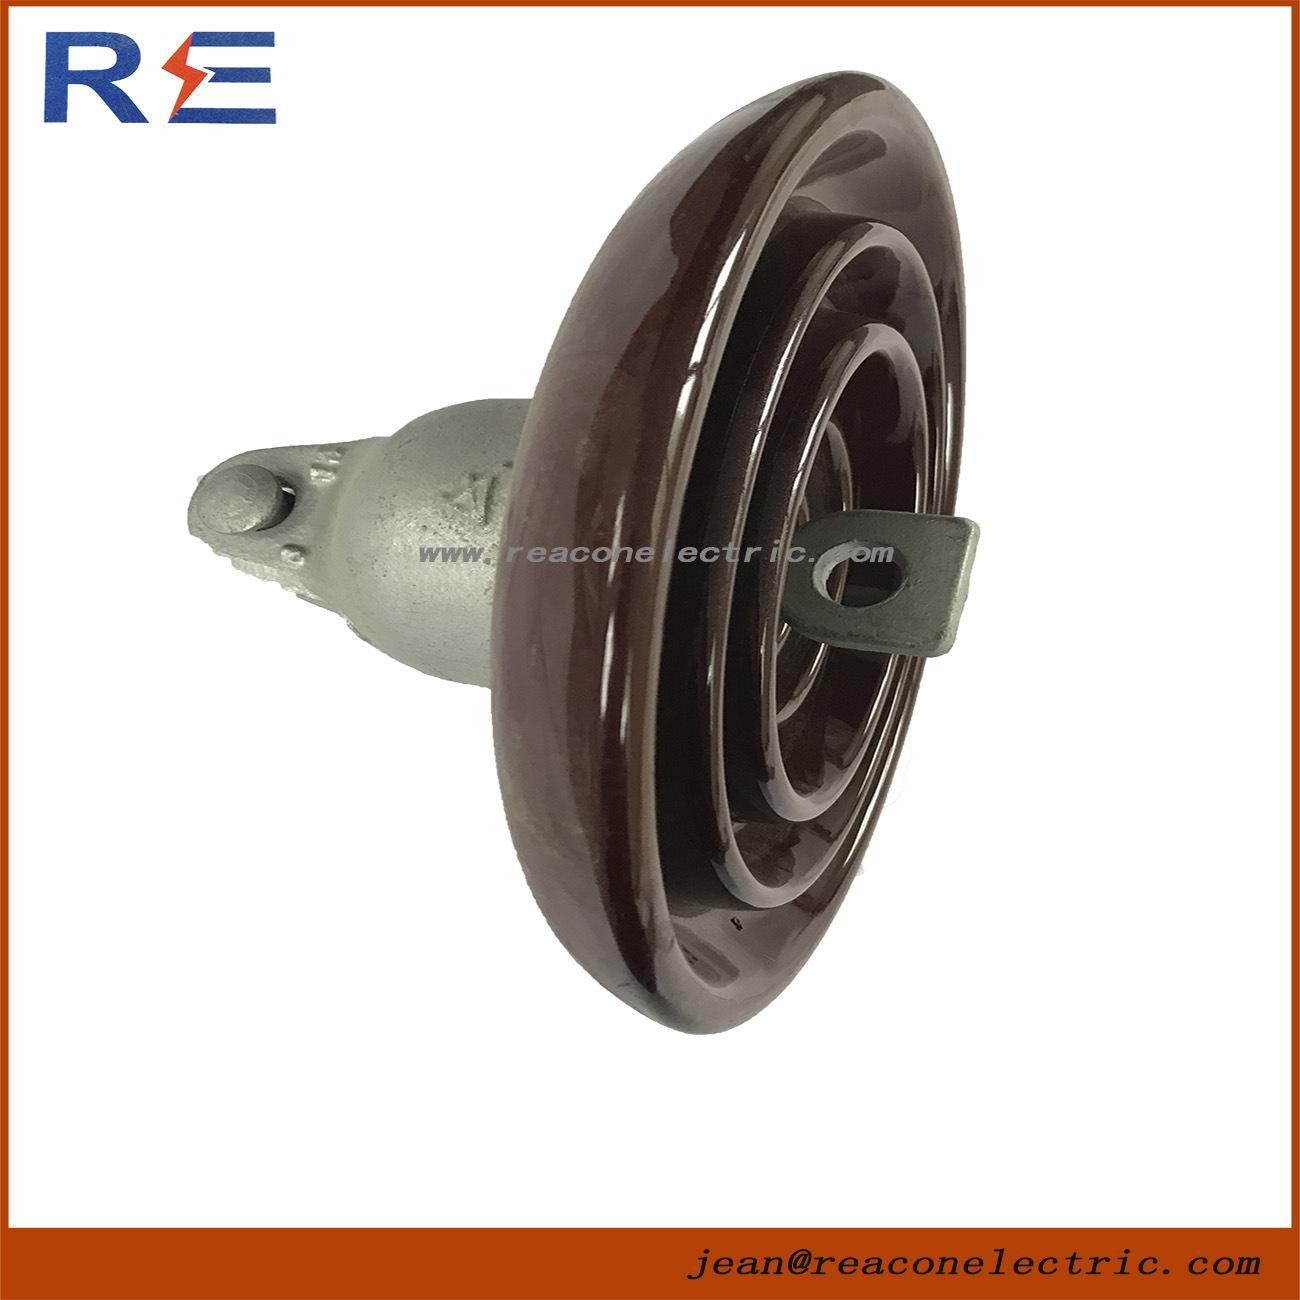 Disc Suspension Porcelain Ceramic Insulator